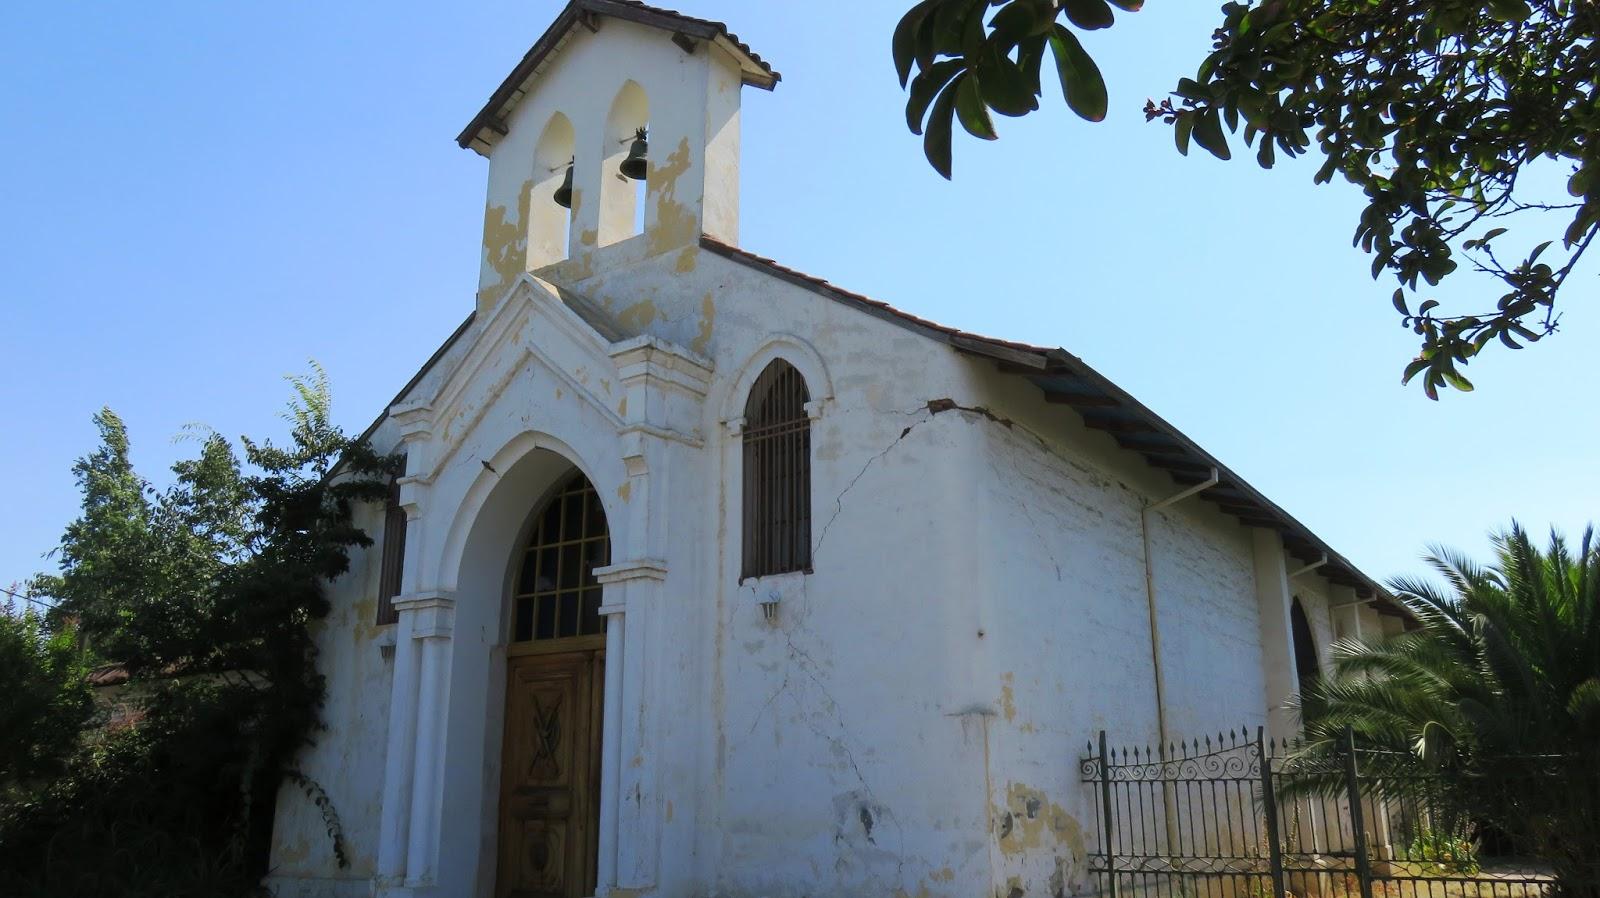 Monasterio Santa Clara. Monjas Clarisas. Puente Alto.